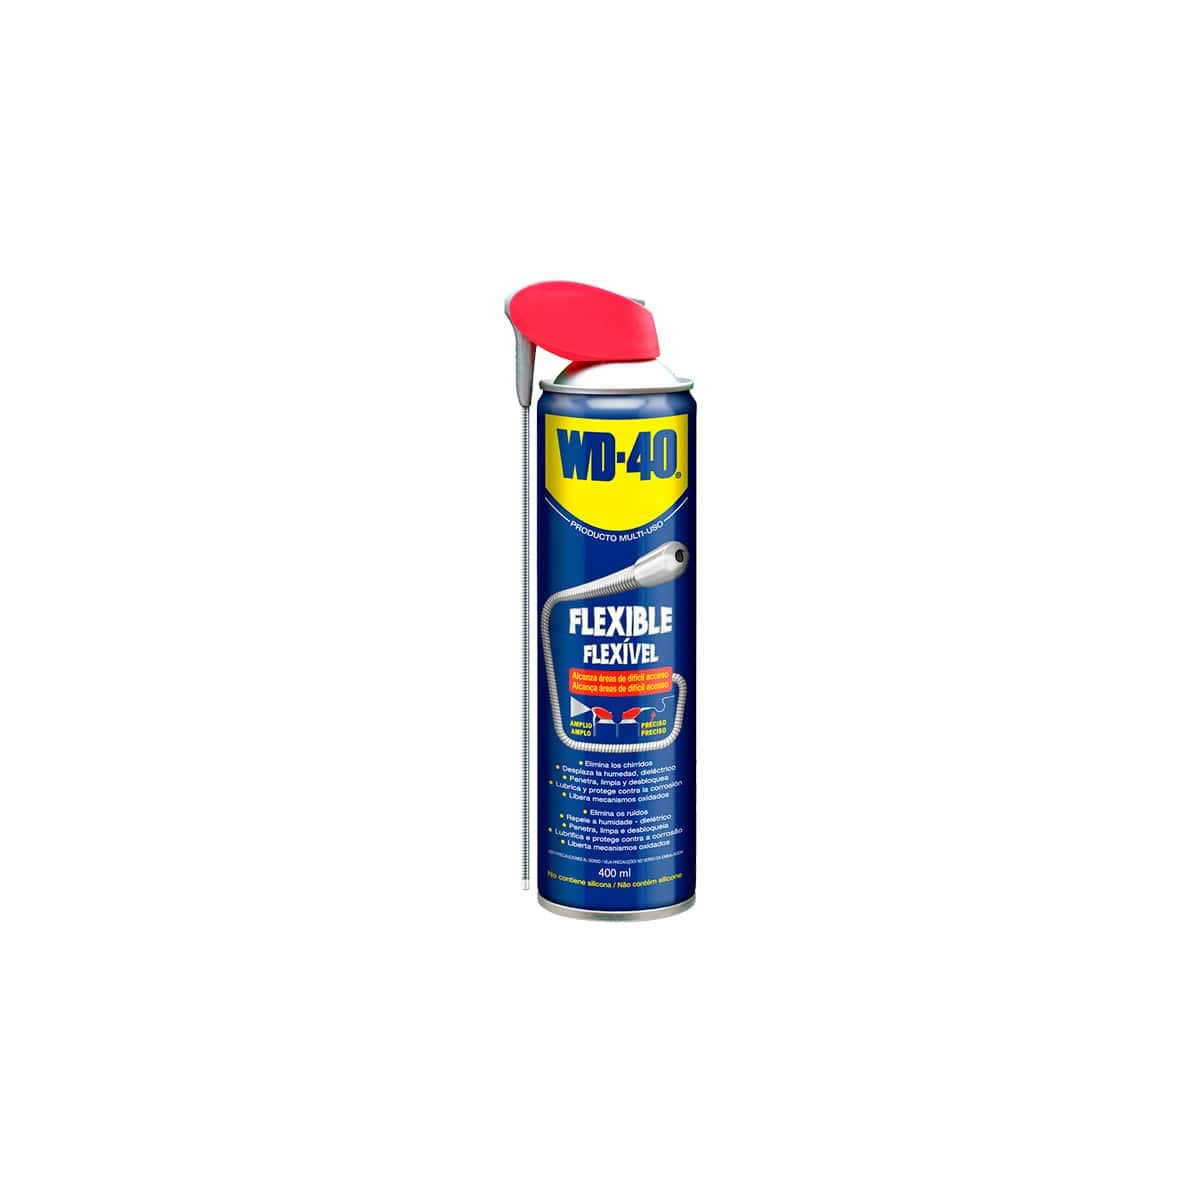 WD-40 - Spray lubricante Multiuso Flexible 400 ml (Caja 6 uds): Amazon.es: Electrónica